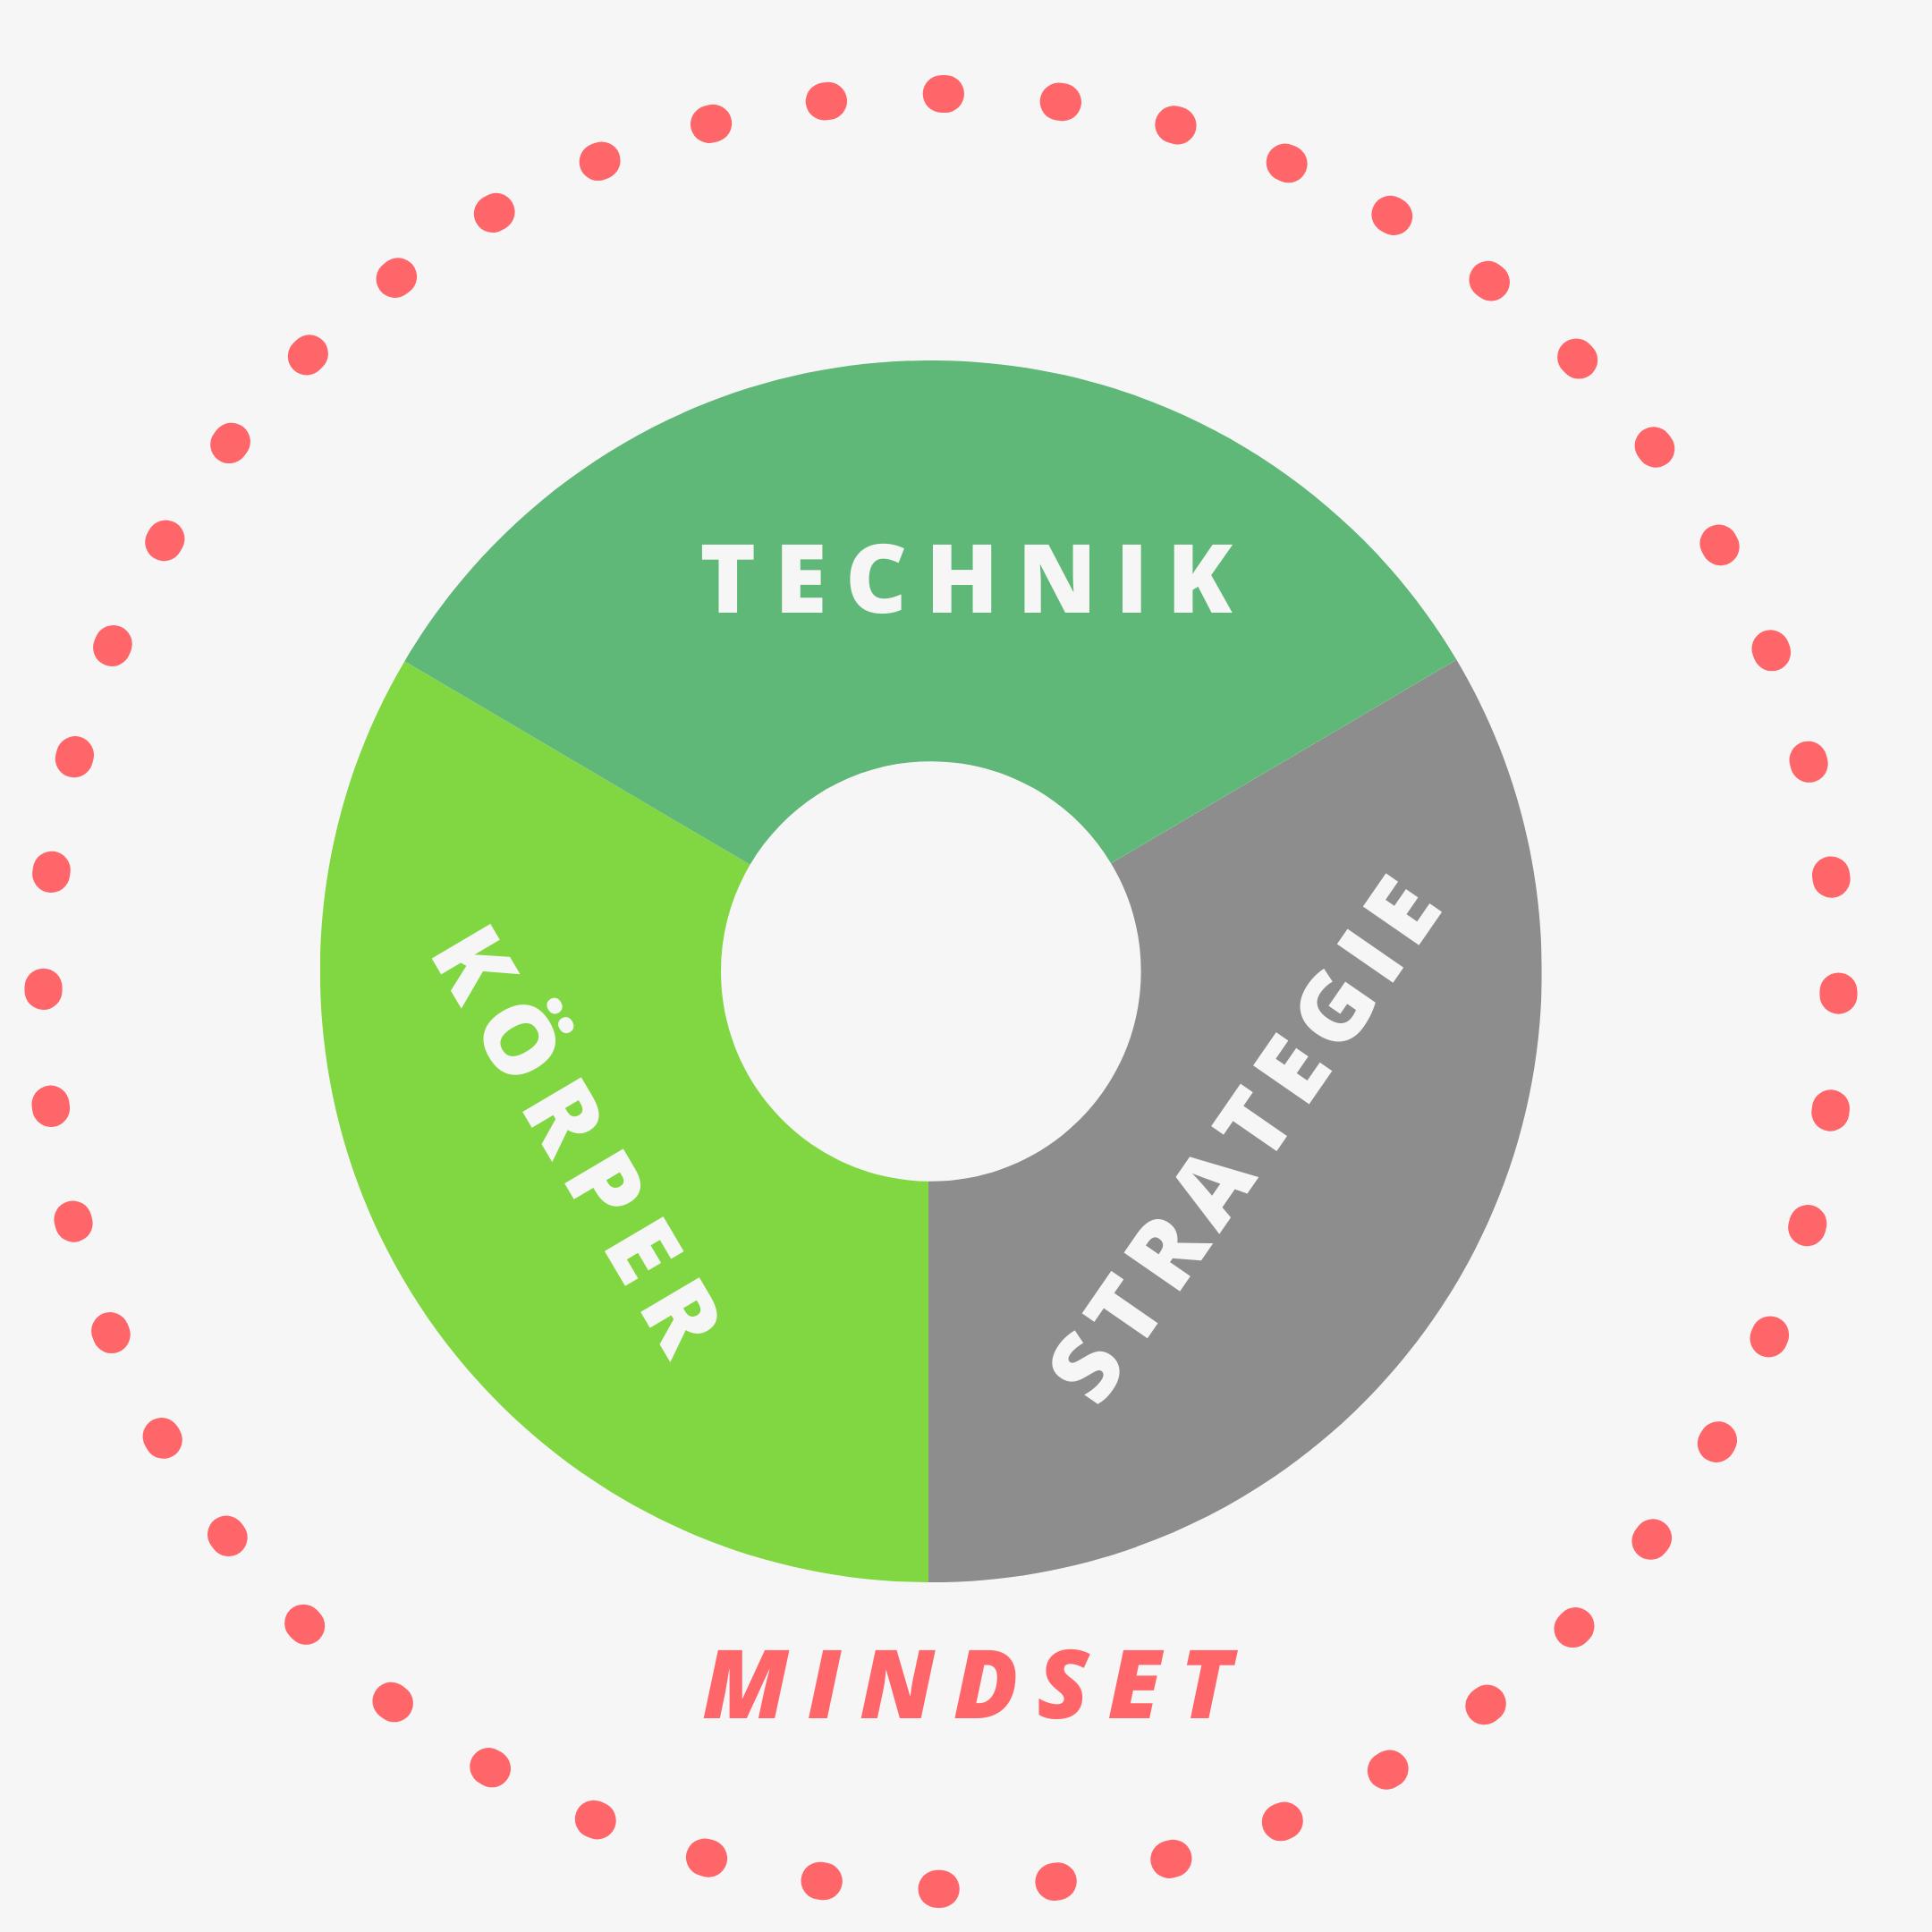 Mindset als Kreis um die Themen Technik, Körper, Strategie